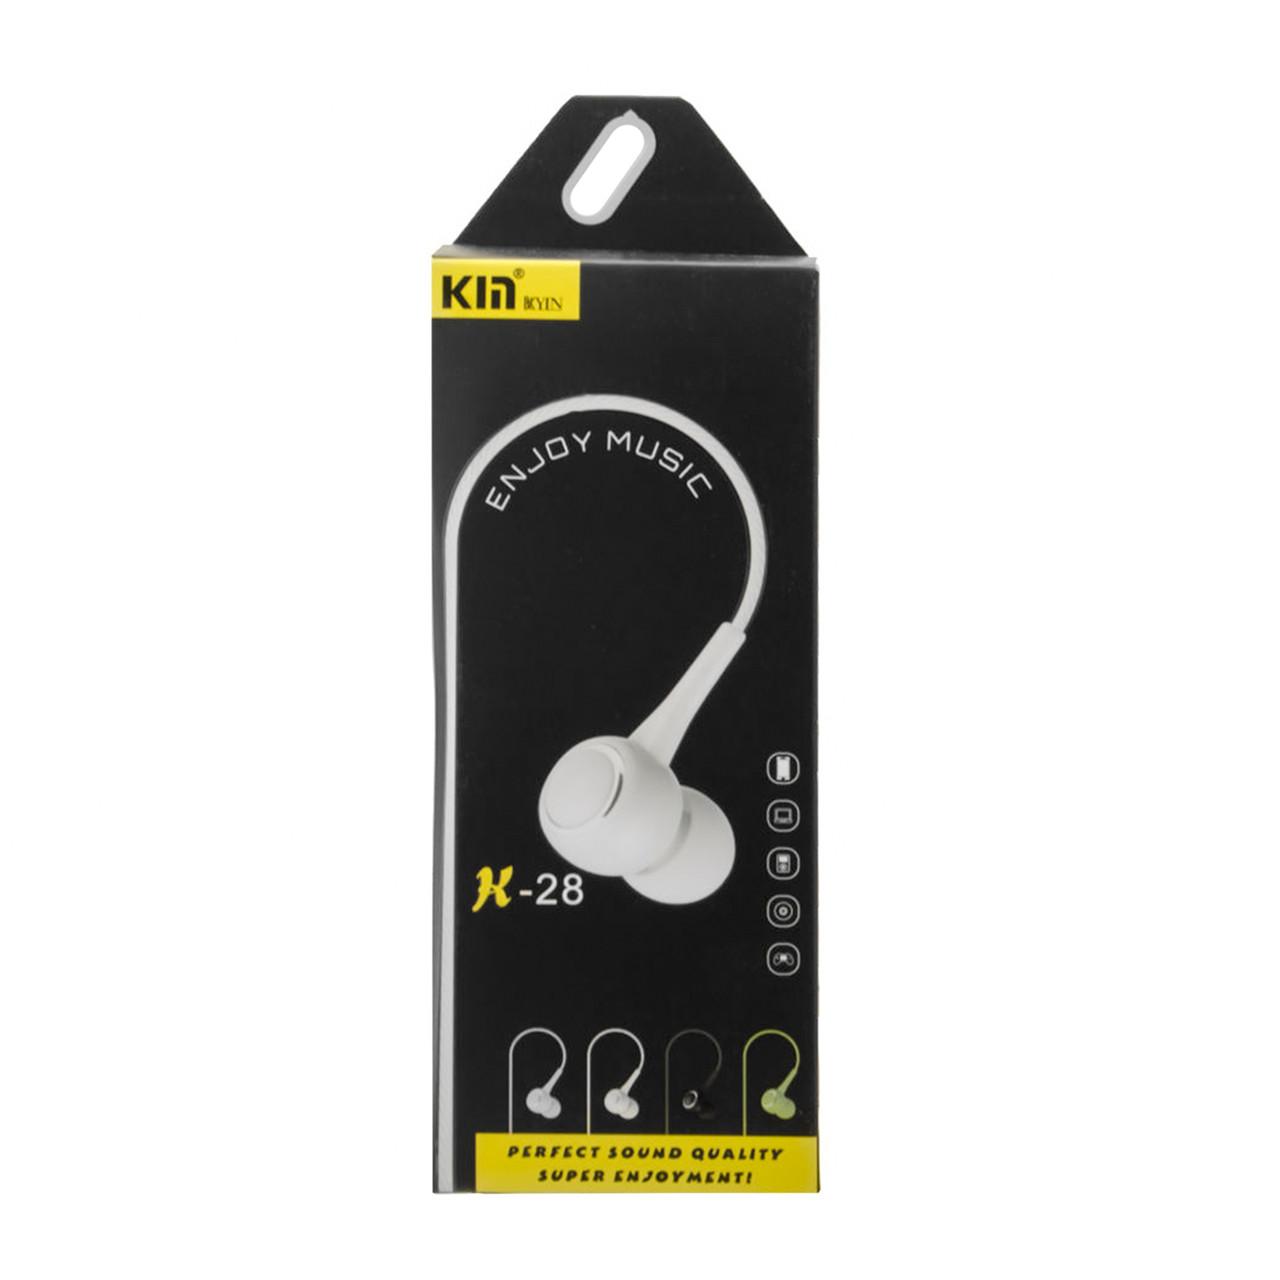 Гарнитура Kin K-28, White